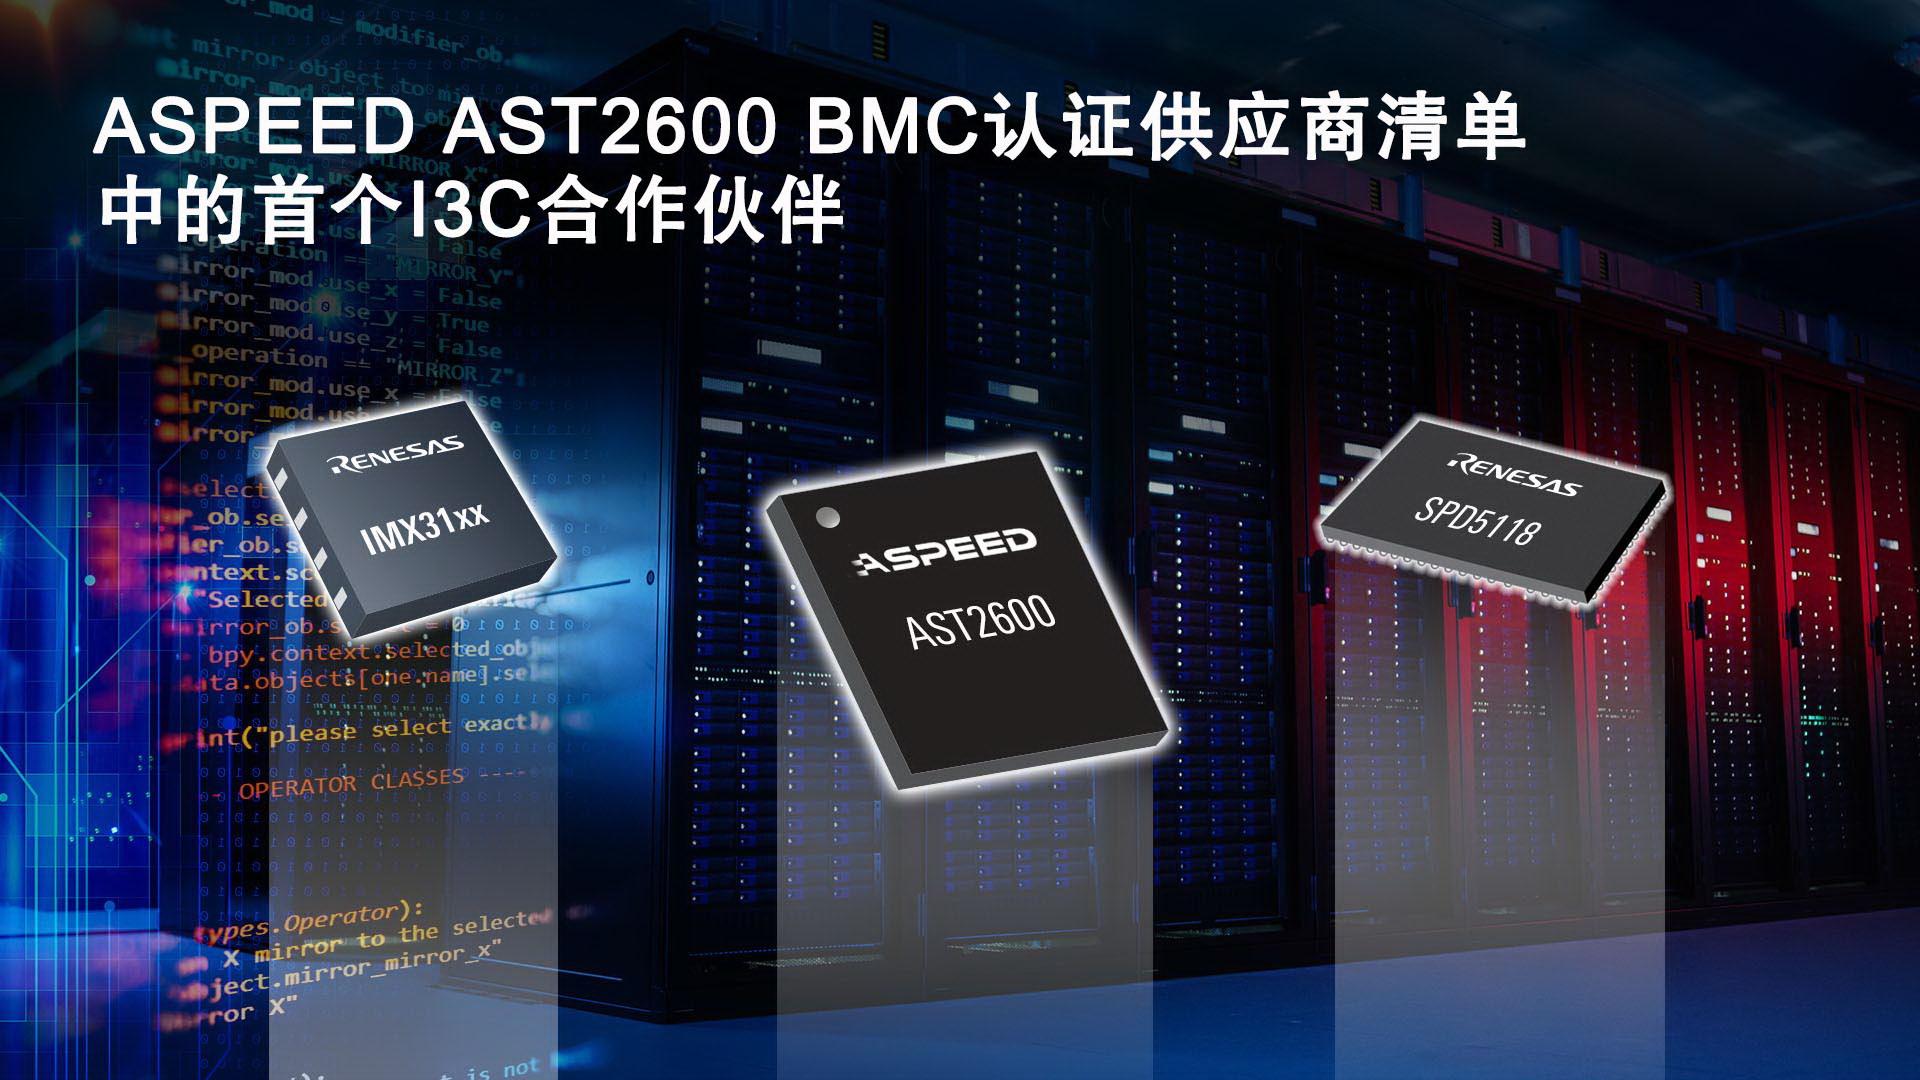 ASPEED AST2600 BMC認證供應商清單中的首個I3C合作伙伴.jpg